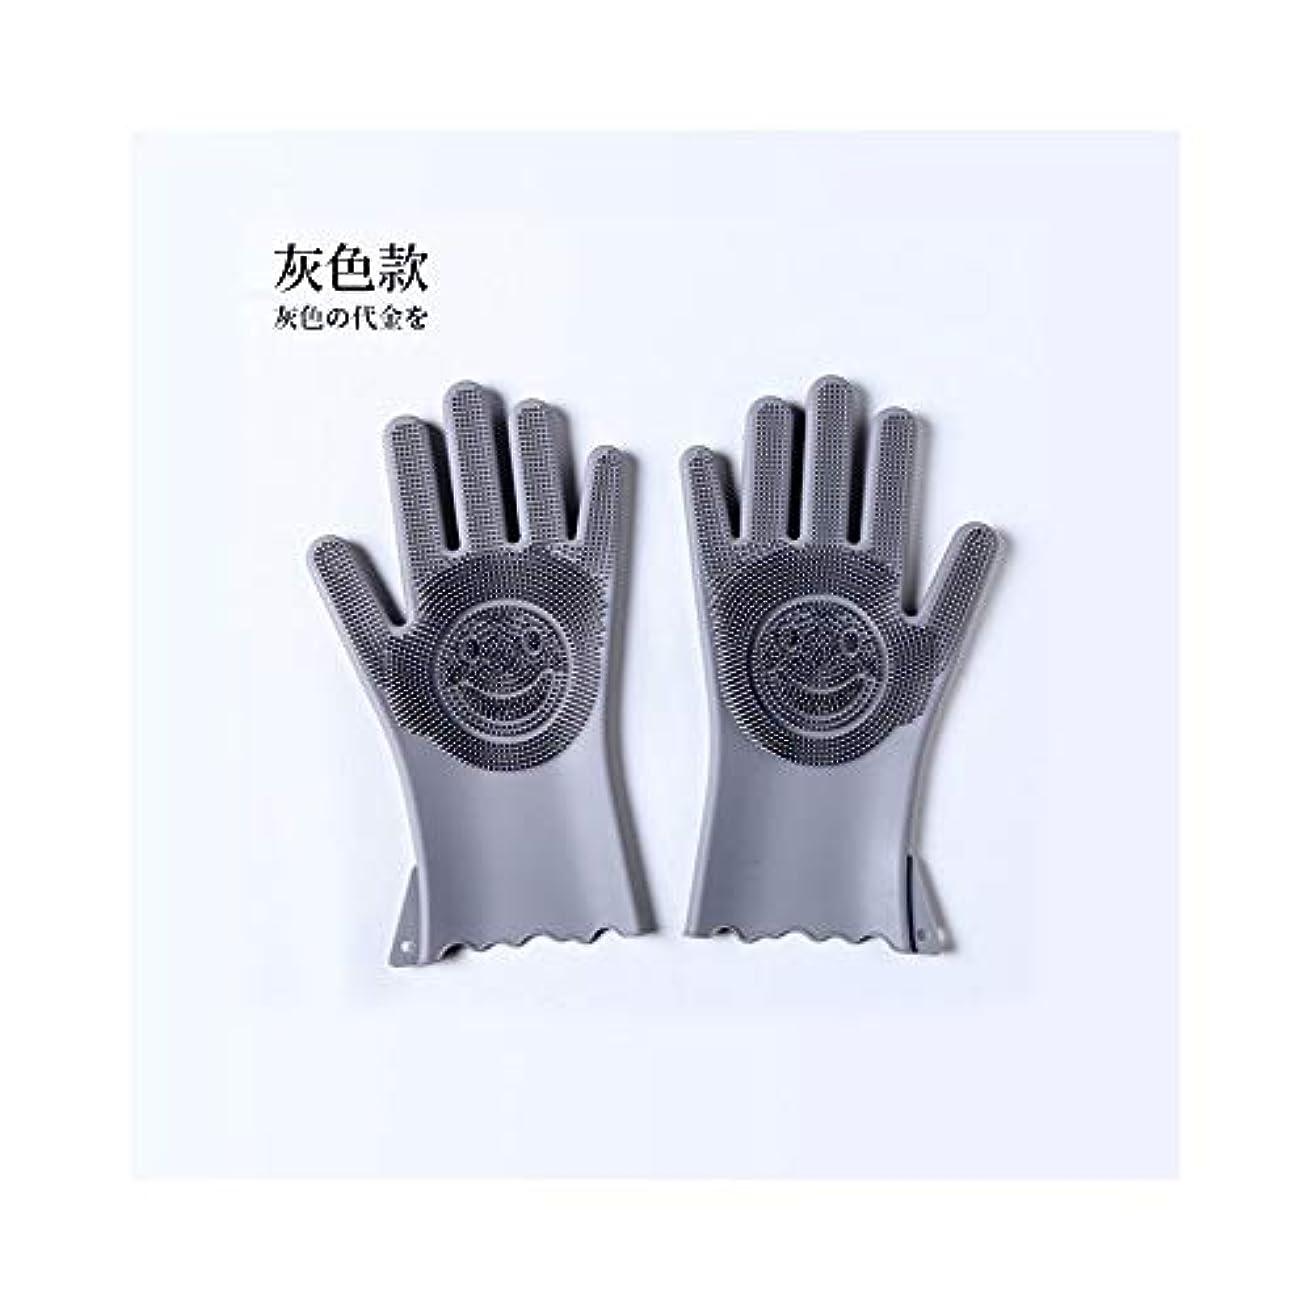 マトリックスれんがサイクロプスニトリルゴム手袋 作業用手袋防水厚くて丈夫なシリコーン多機能キッチン家庭用手袋 使い捨て手袋 (Color : Gray, Size : M)